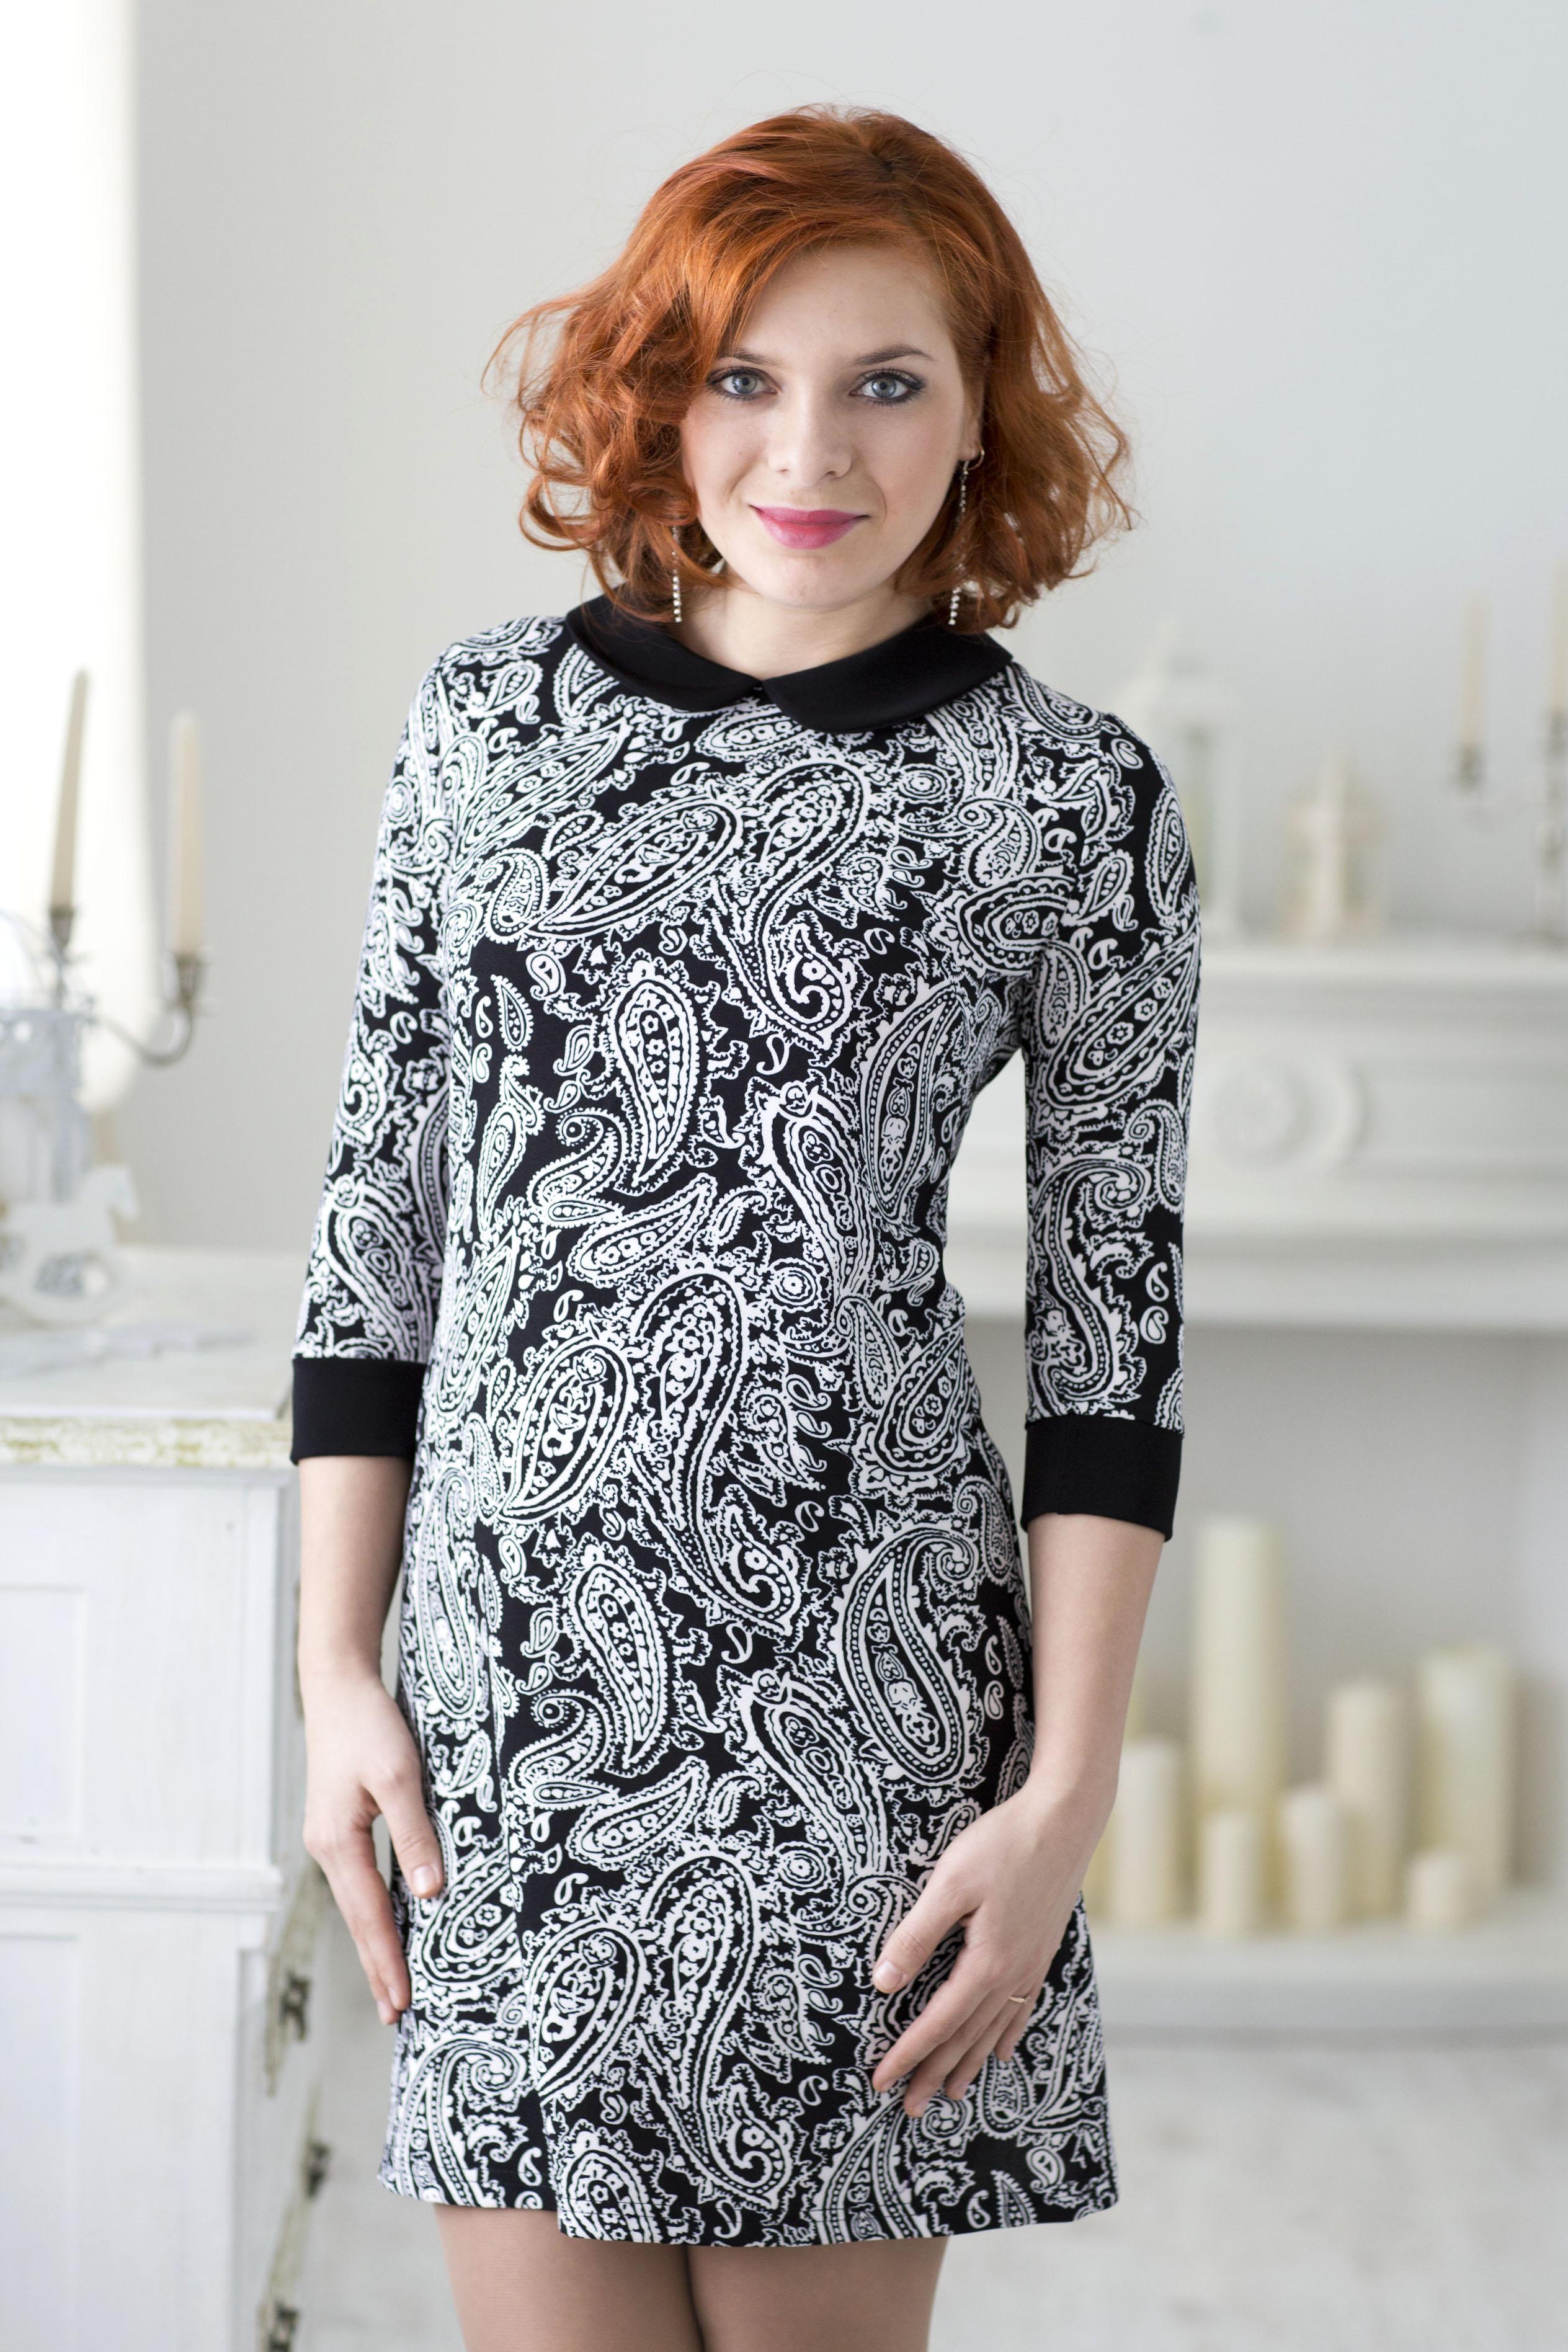 Недорогое черно-белое платье Lautus